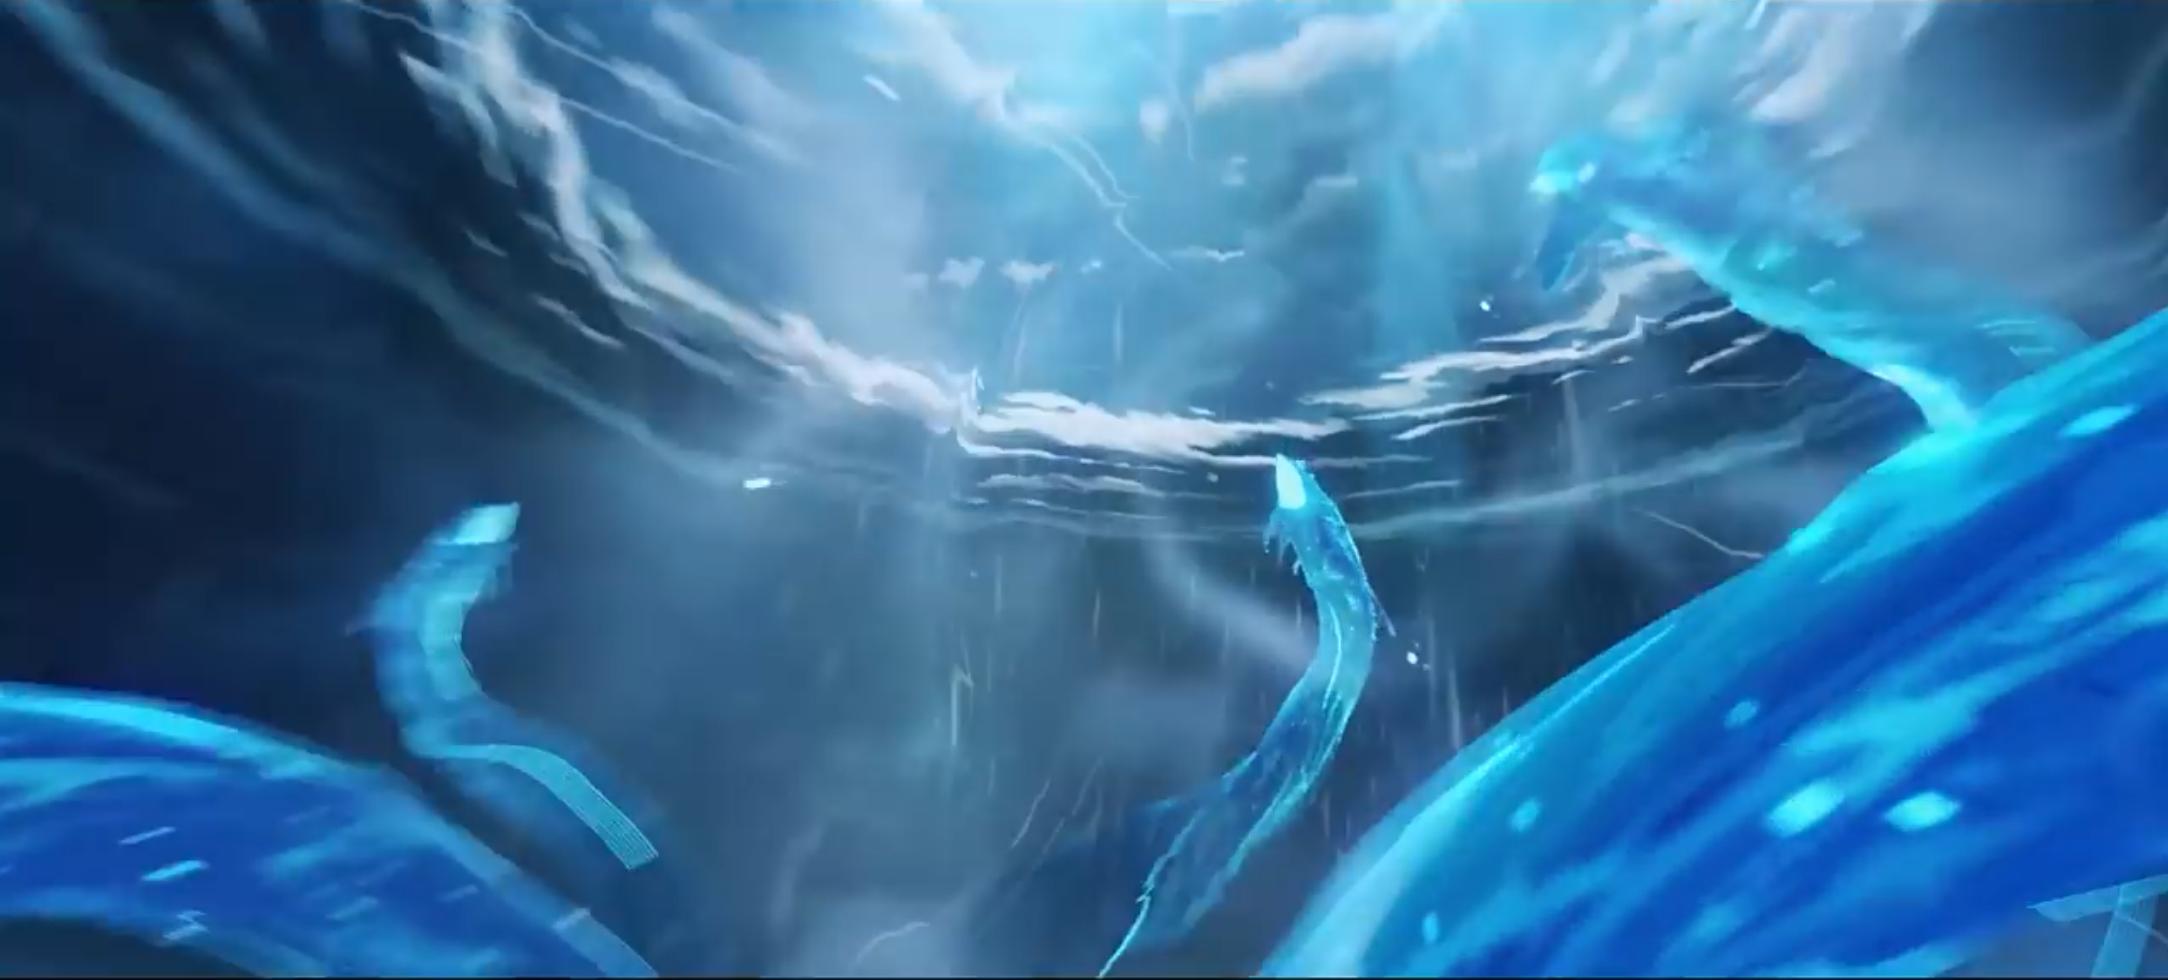 北斗の話で出てくる三つの頭を持つ巨大な海蛇「海山」だよね!?